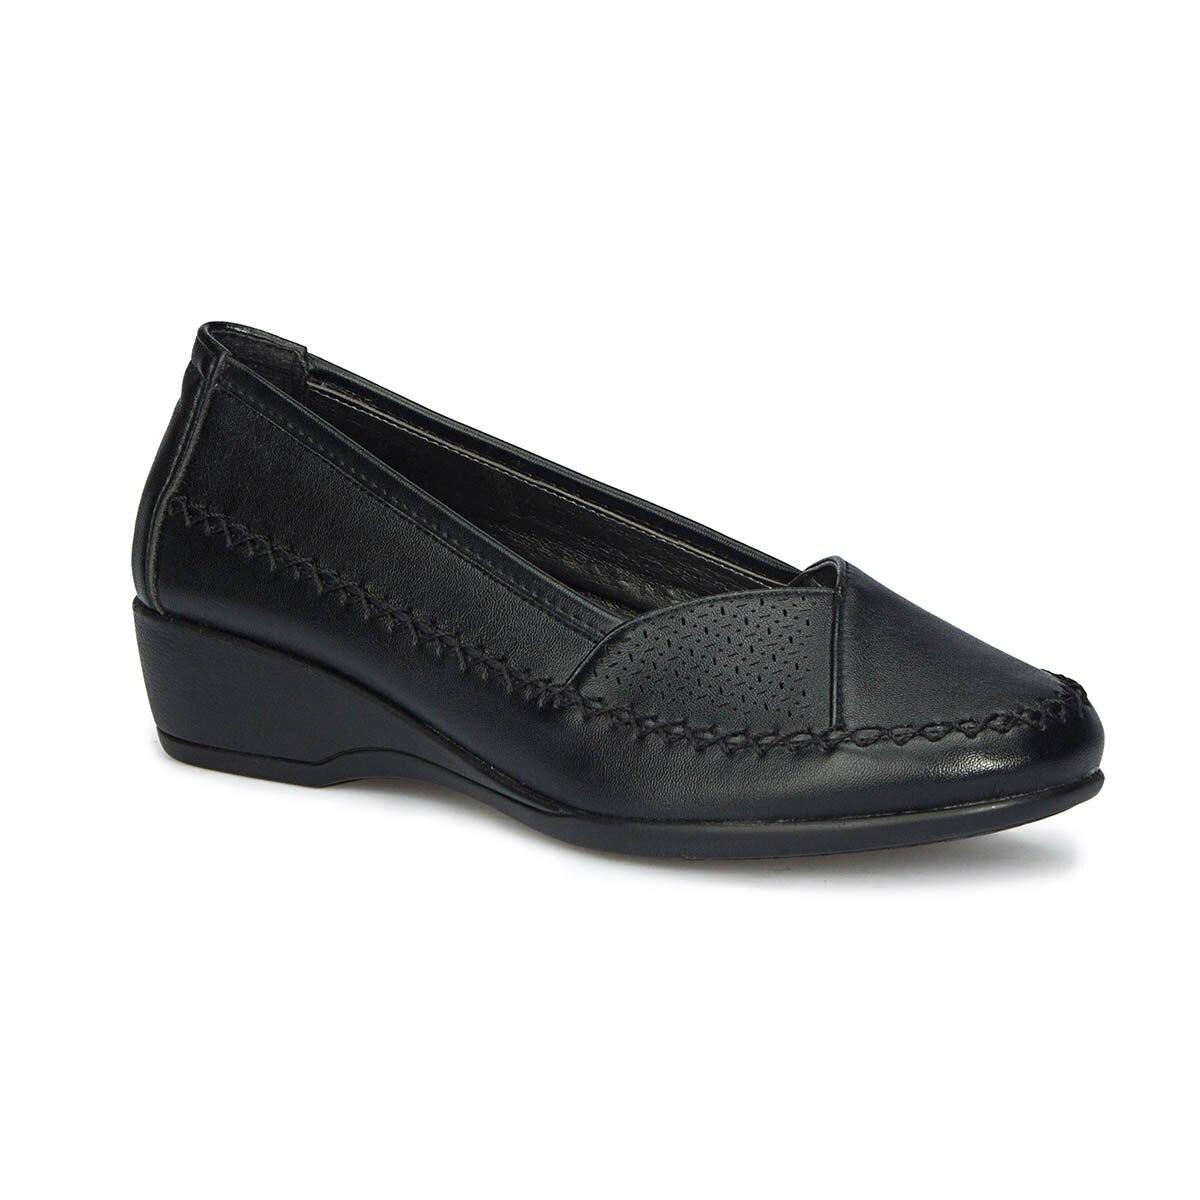 FLO 71.157280.Z Black Women 'S Classic Shoes Polaris